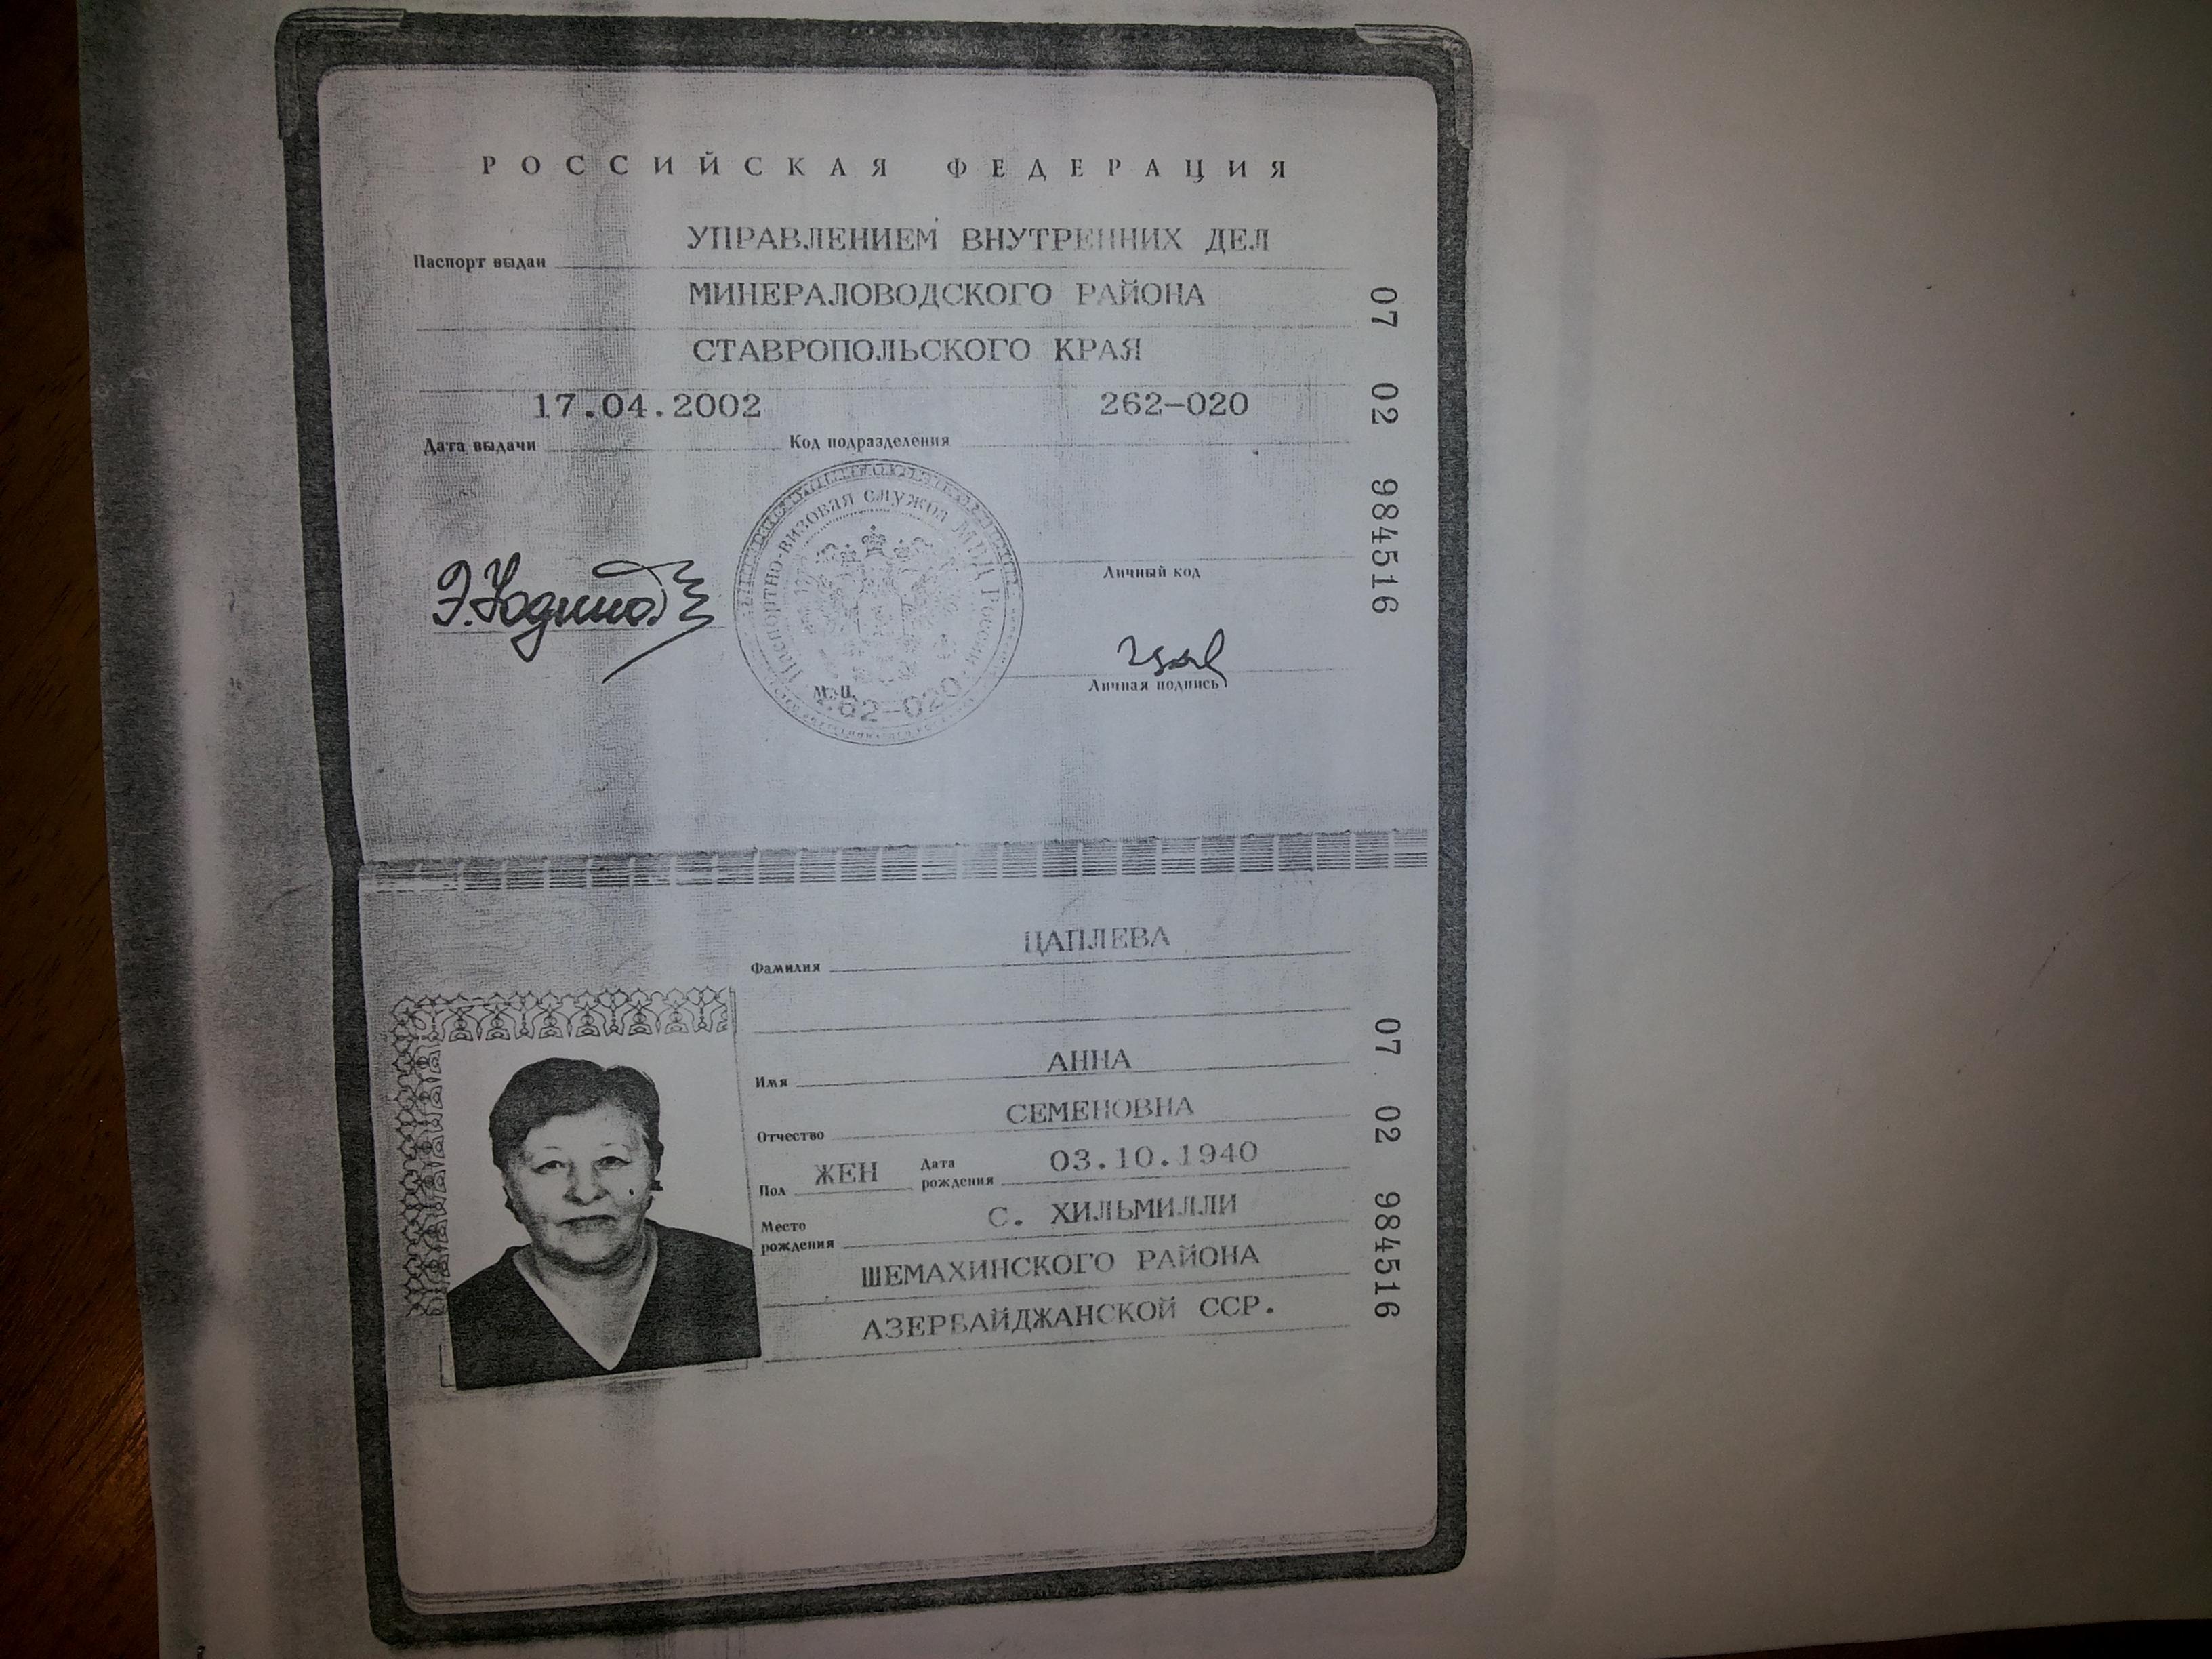 Компенсации денежных вкладов в Сбербанке СССР